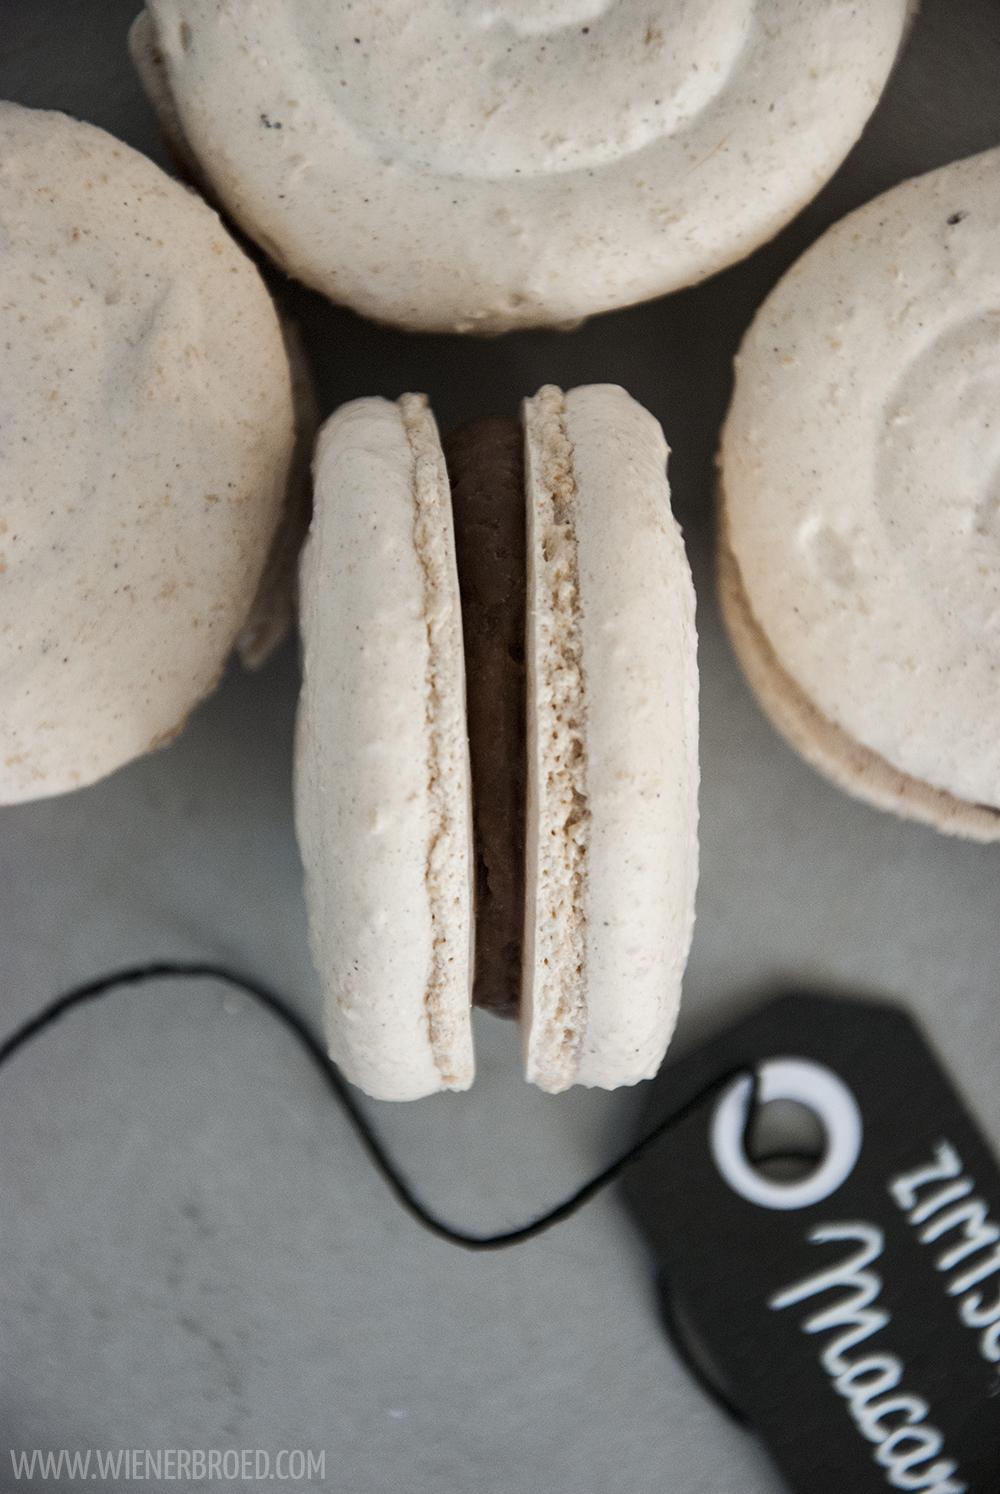 Rezept für Zimtschnecken-Macaron-Schnecken, das typisch nordische Gebäck in feinem französischen Mandel-Baiser-Gebäck / Cinnamon bun macarons [wienerbroed.com]